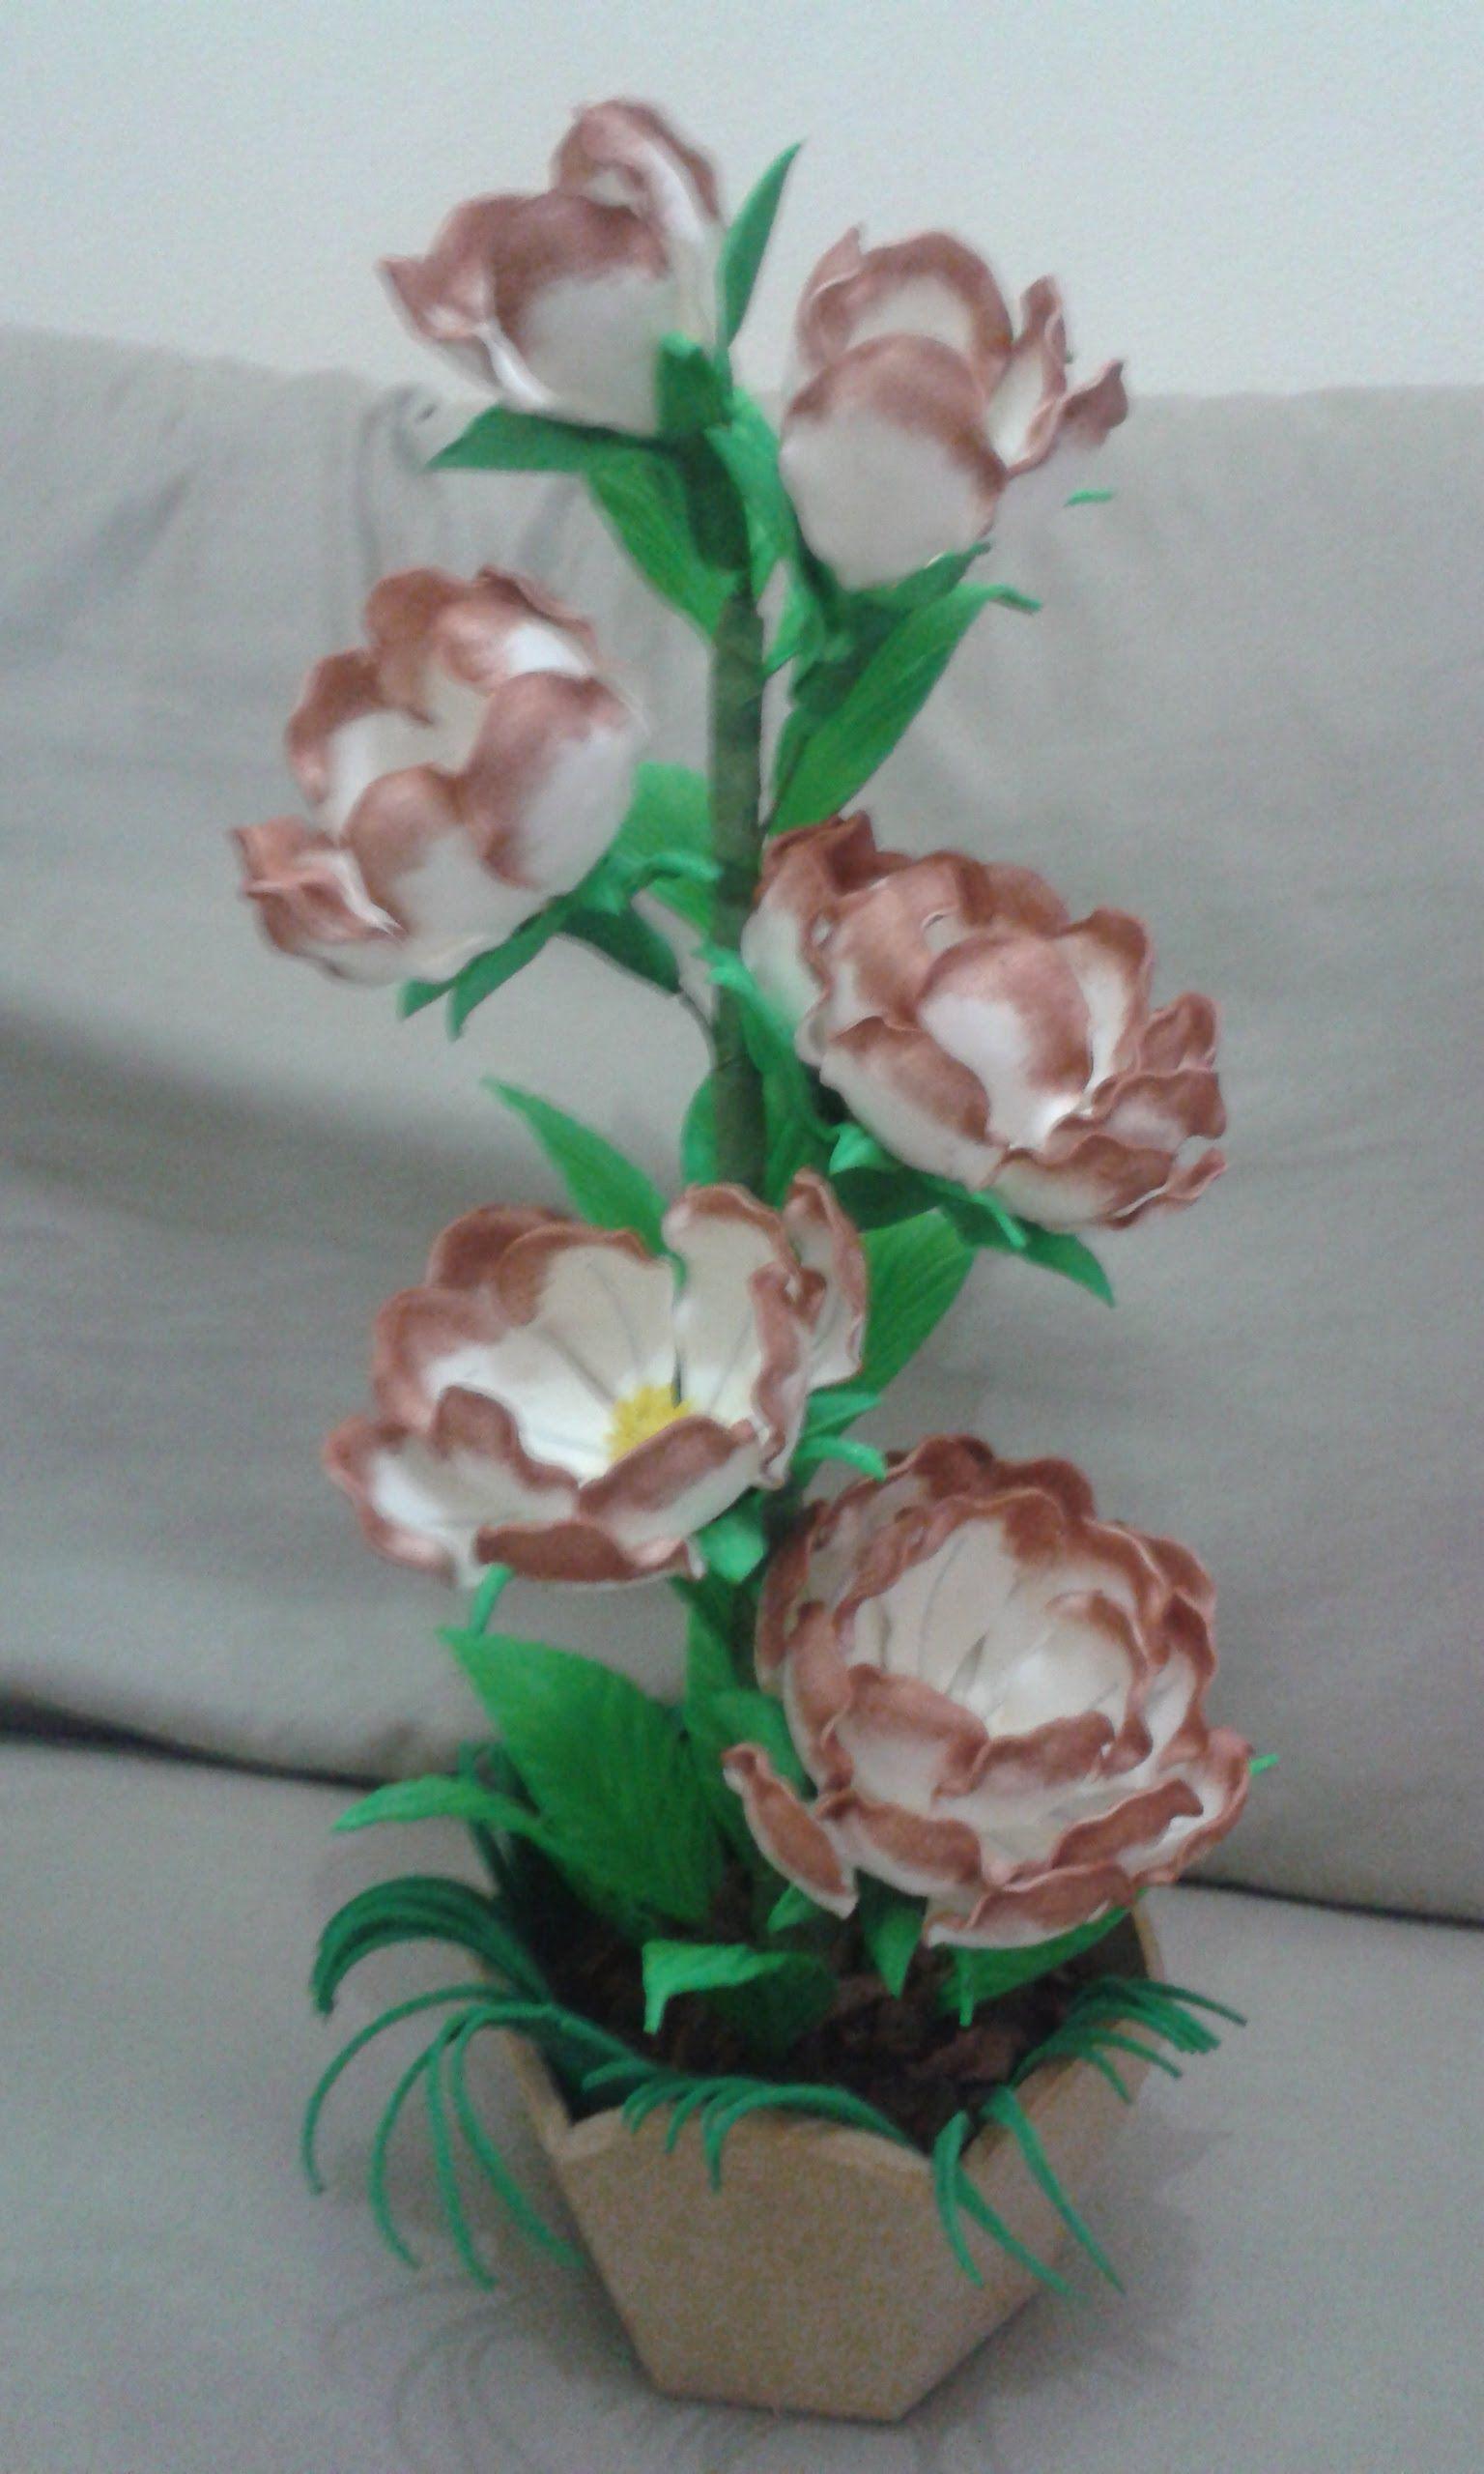 Flor Magnolia De E V A Ou Isopor De Caixa De Ovo Flores Em Eva